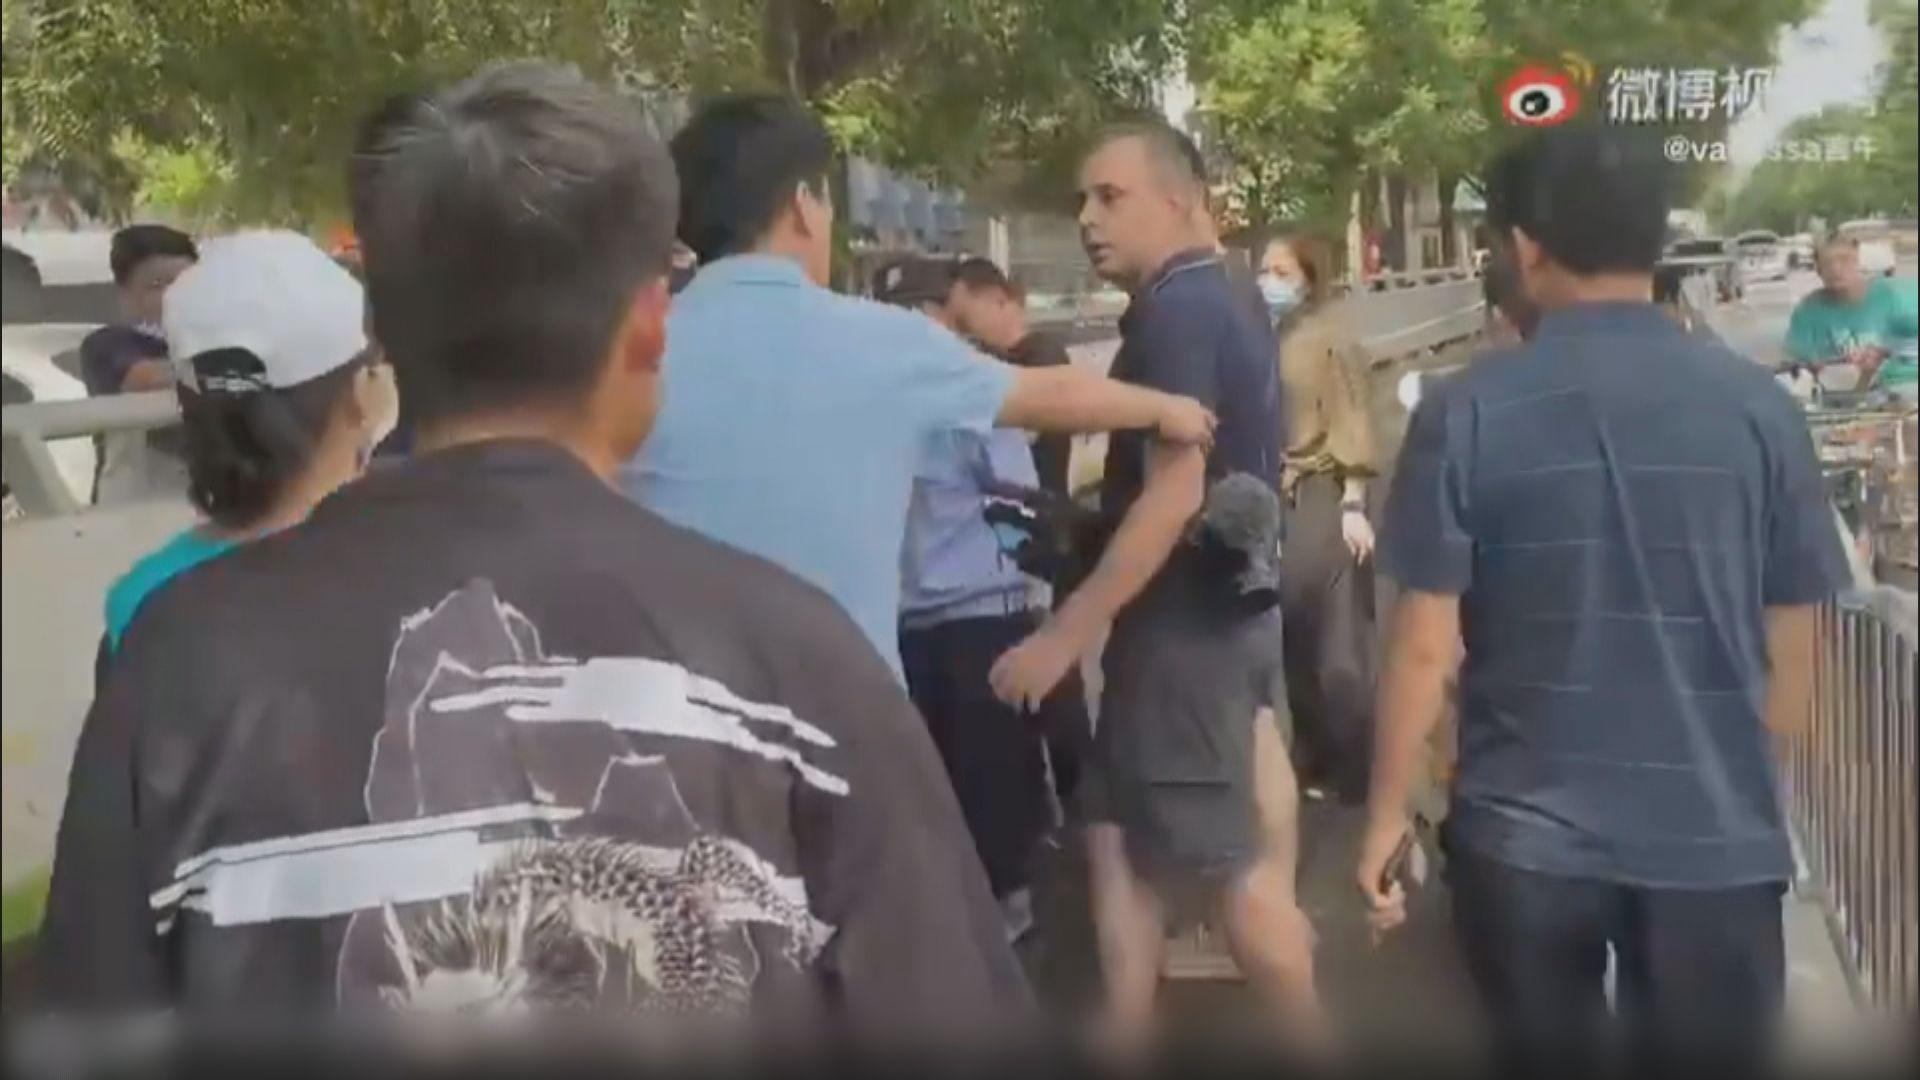 外國記者鄭州採訪被圍堵 《環時》:民眾憂報道不客觀